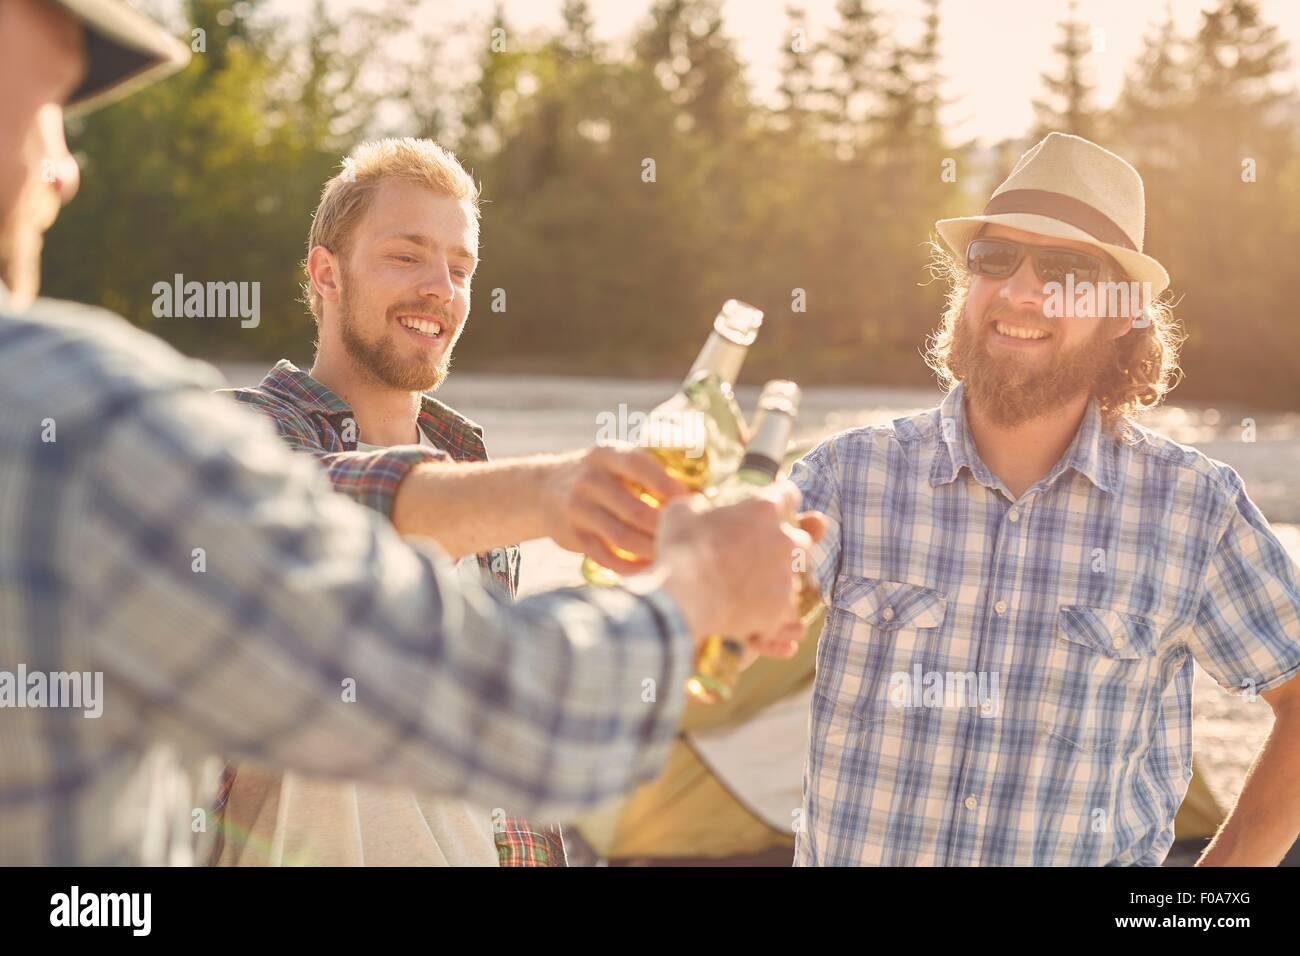 Männer machen einen Toast mit Bierflaschen, Lächeln Stockbild